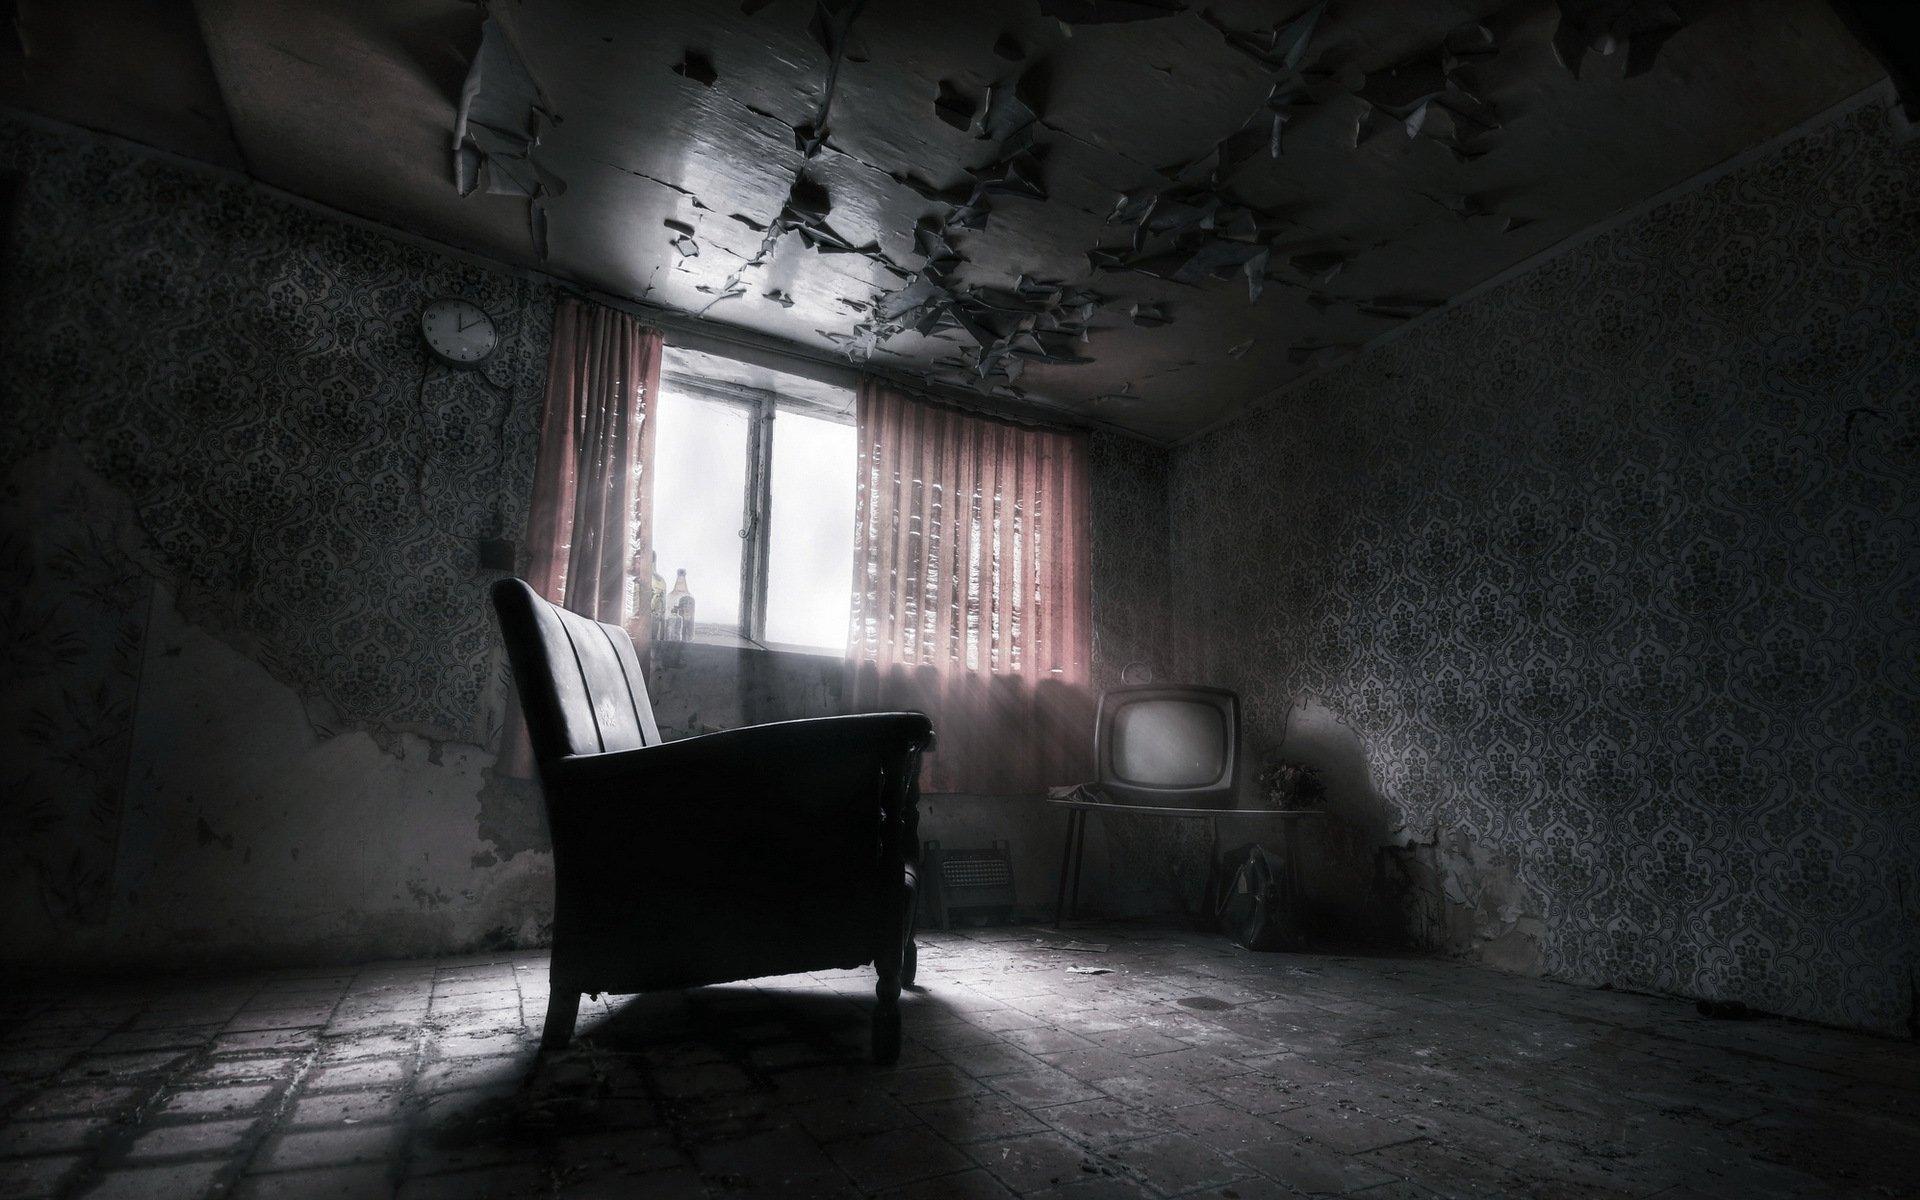 этой картинки таинственных комнат отмечают